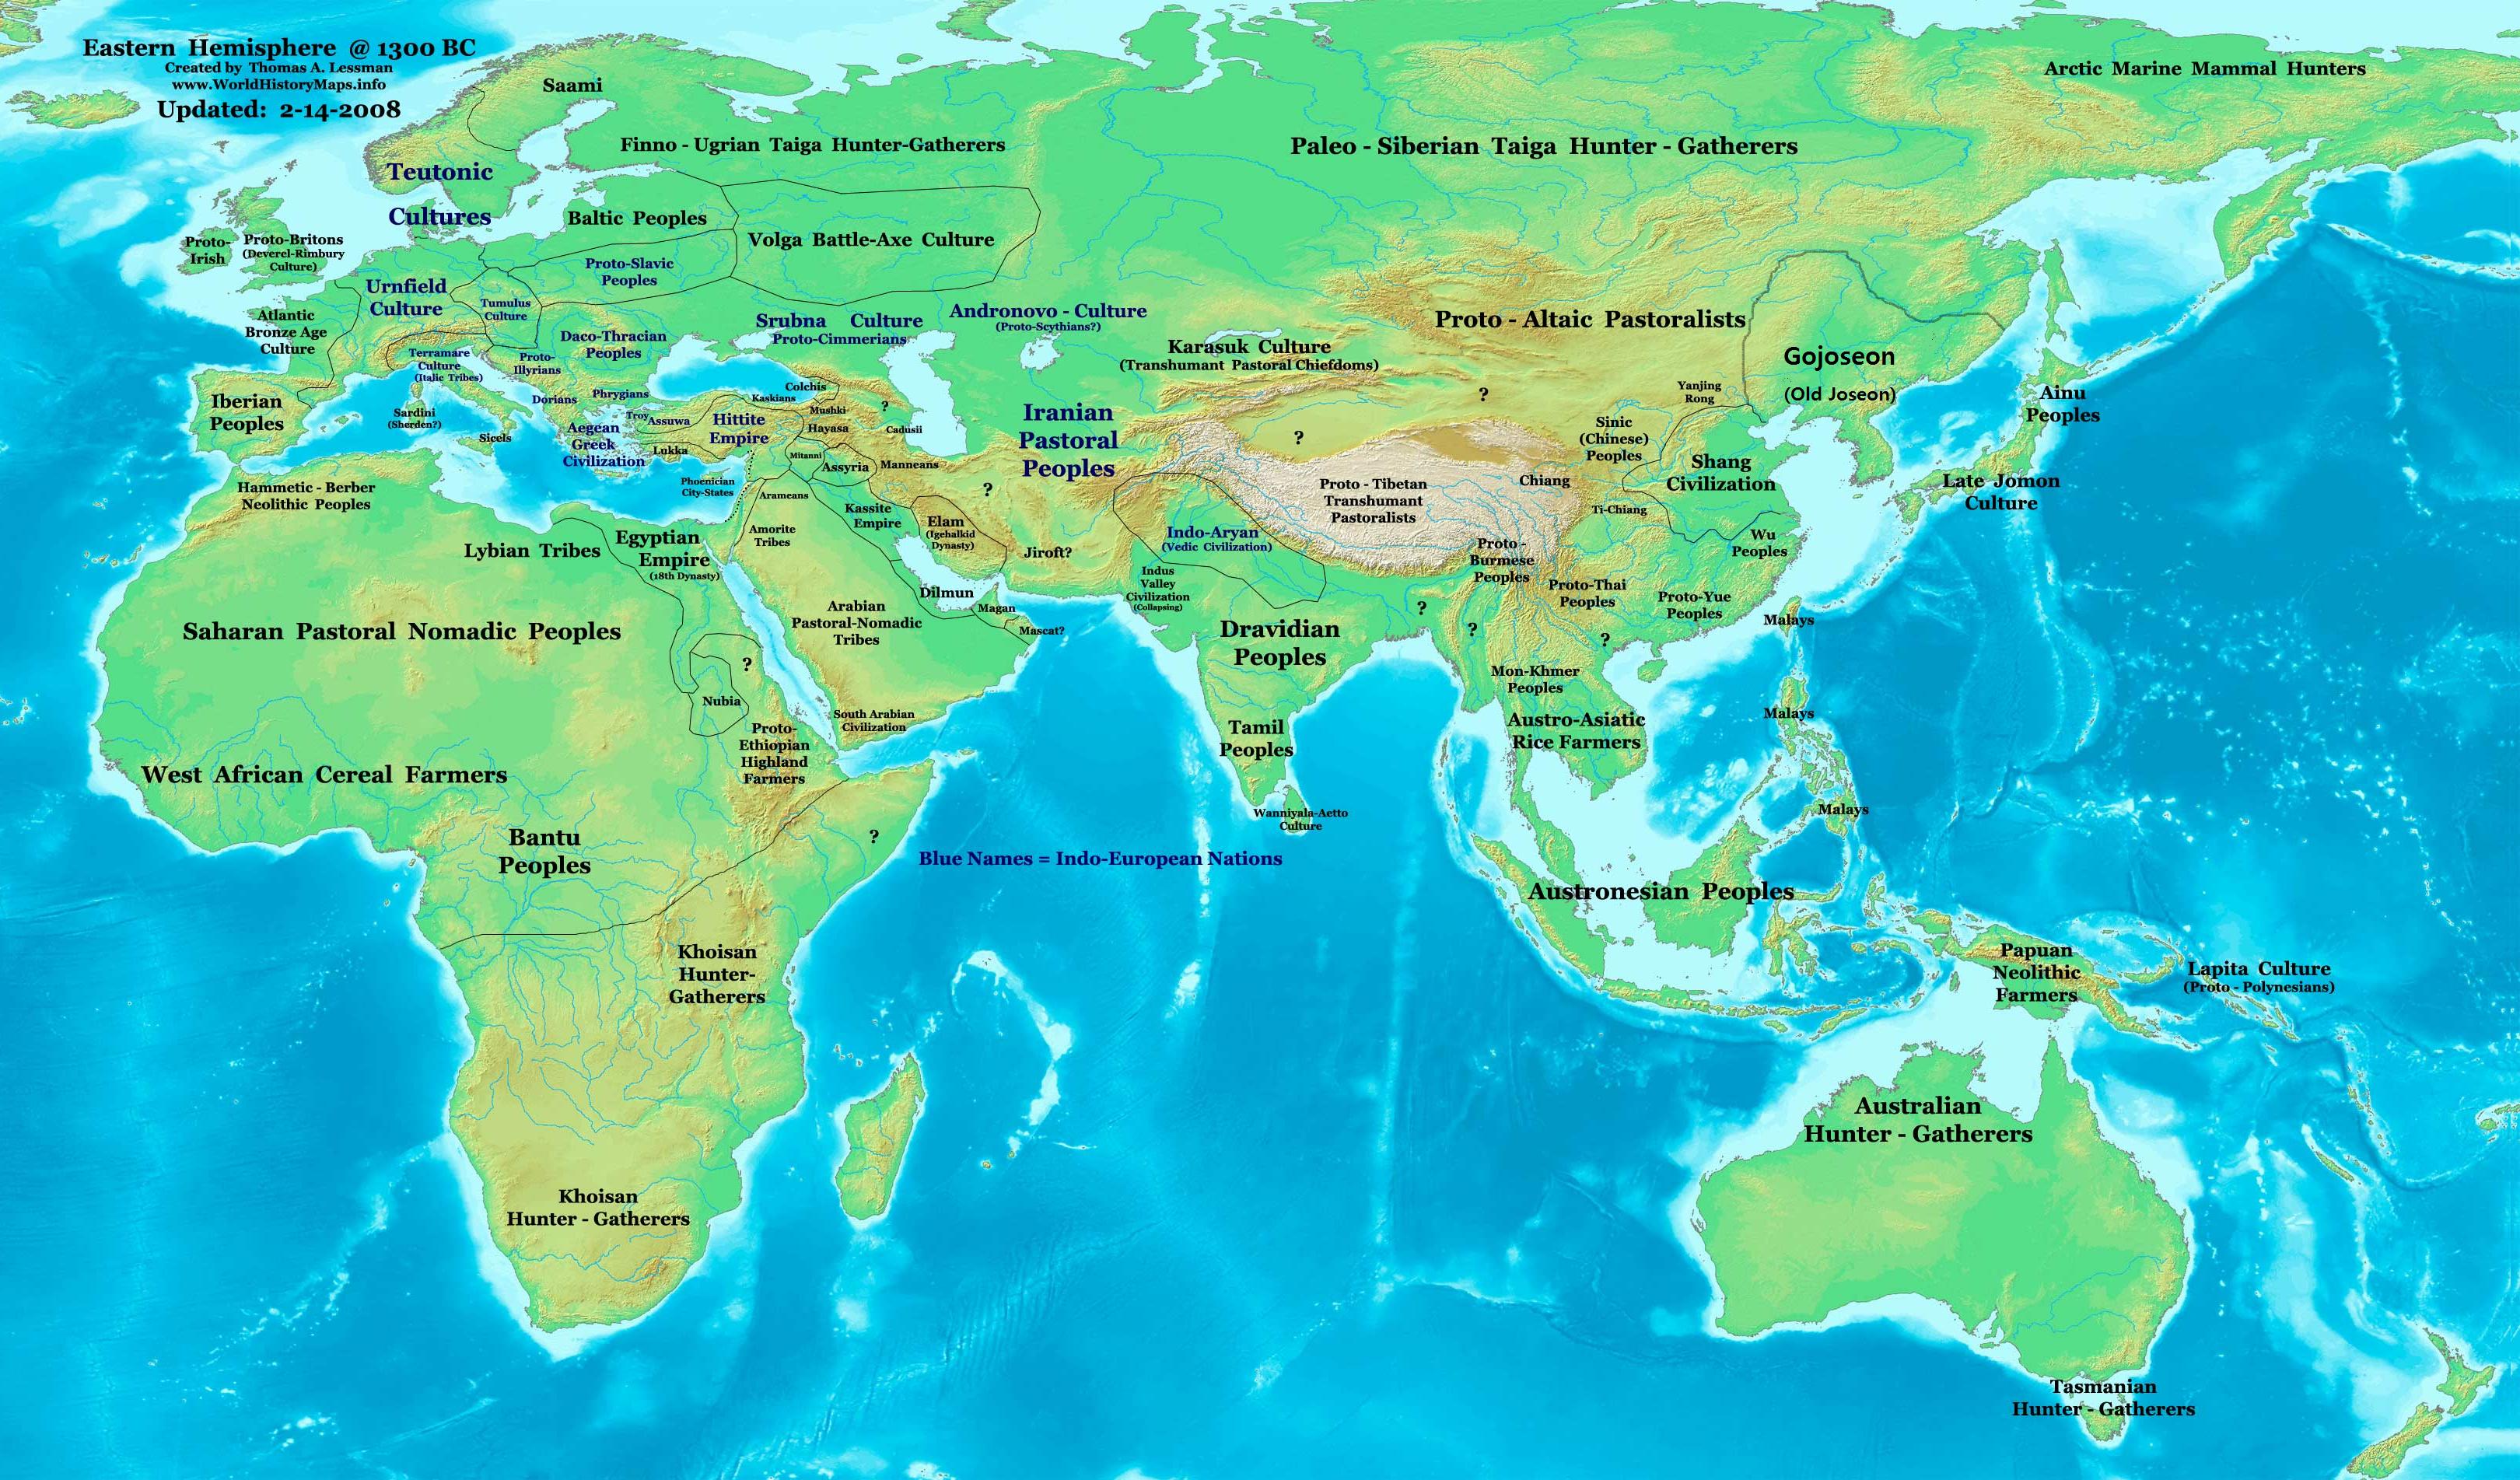 Eastern Hemisphere In 1300 BC